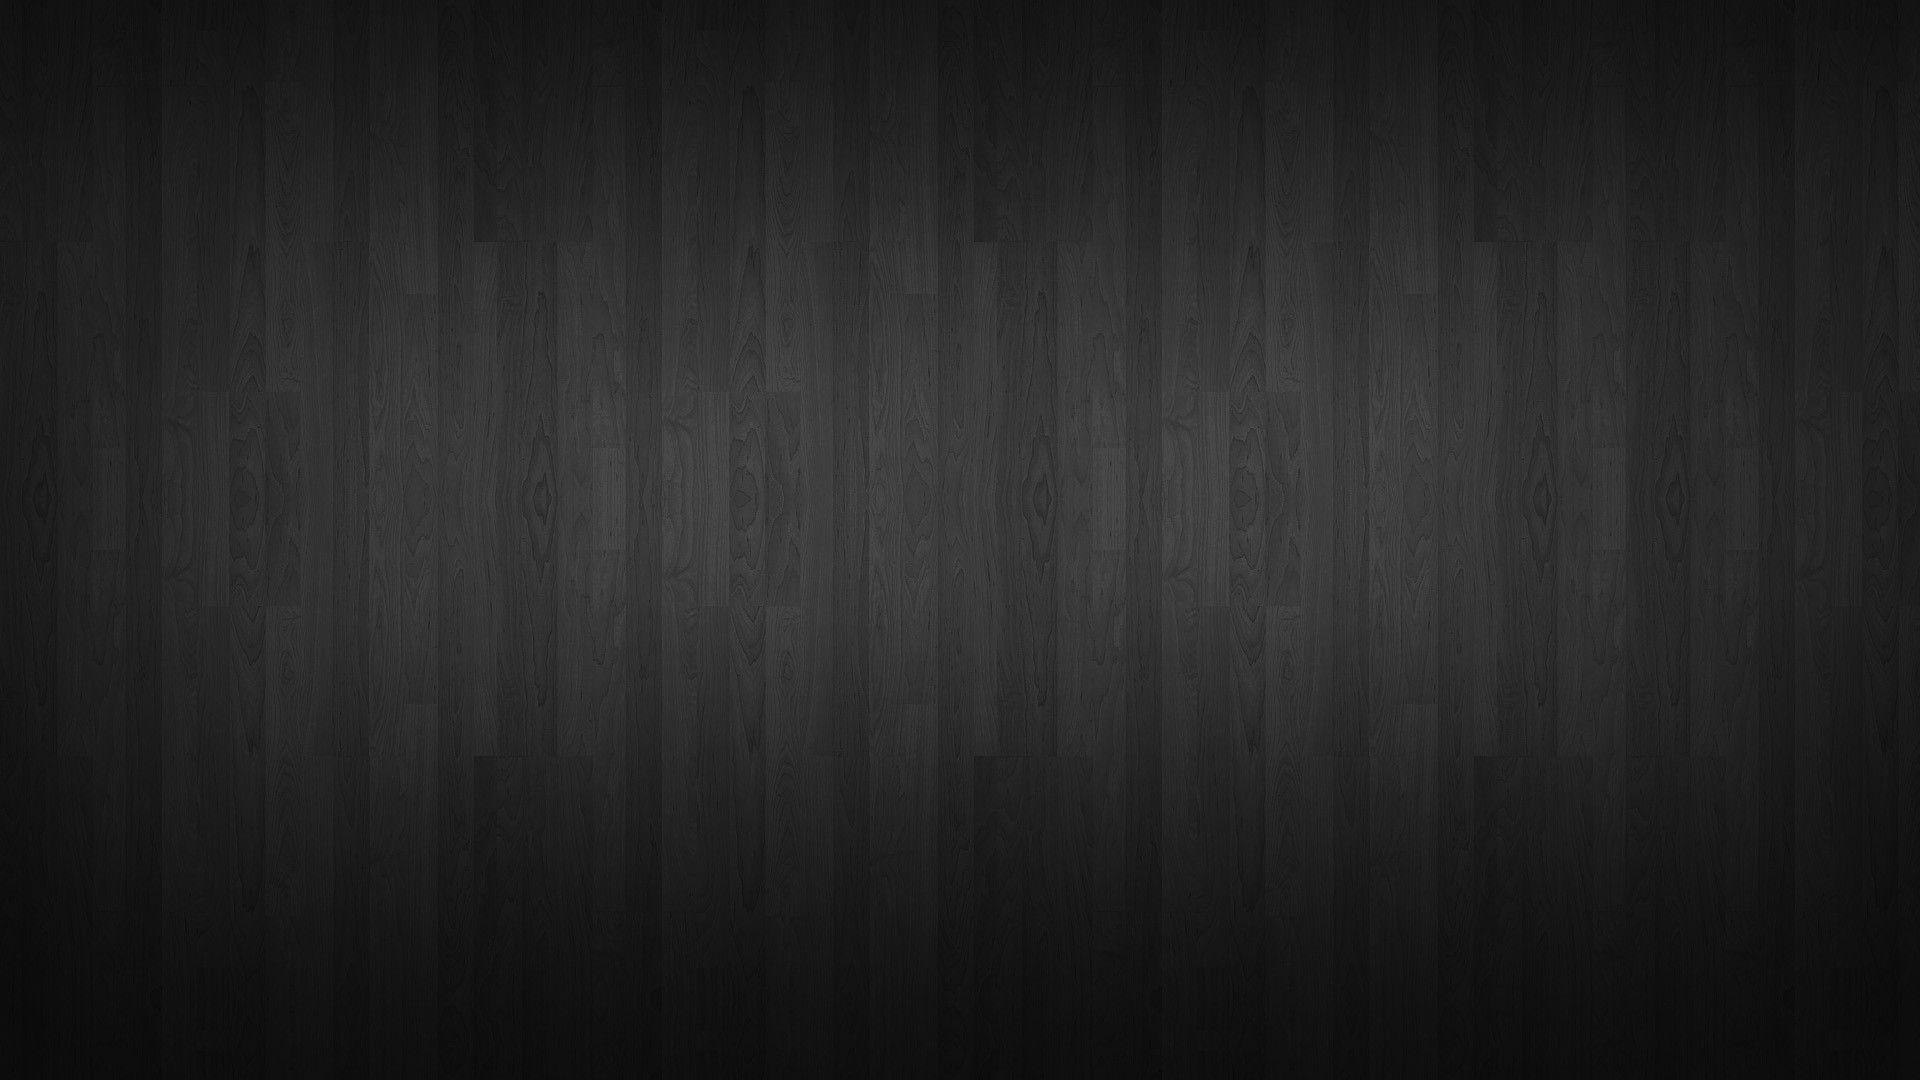 Texture Wood Minimalism Wallpaper Dark Wood Texture Wood Wallpaper Black Wallpaper